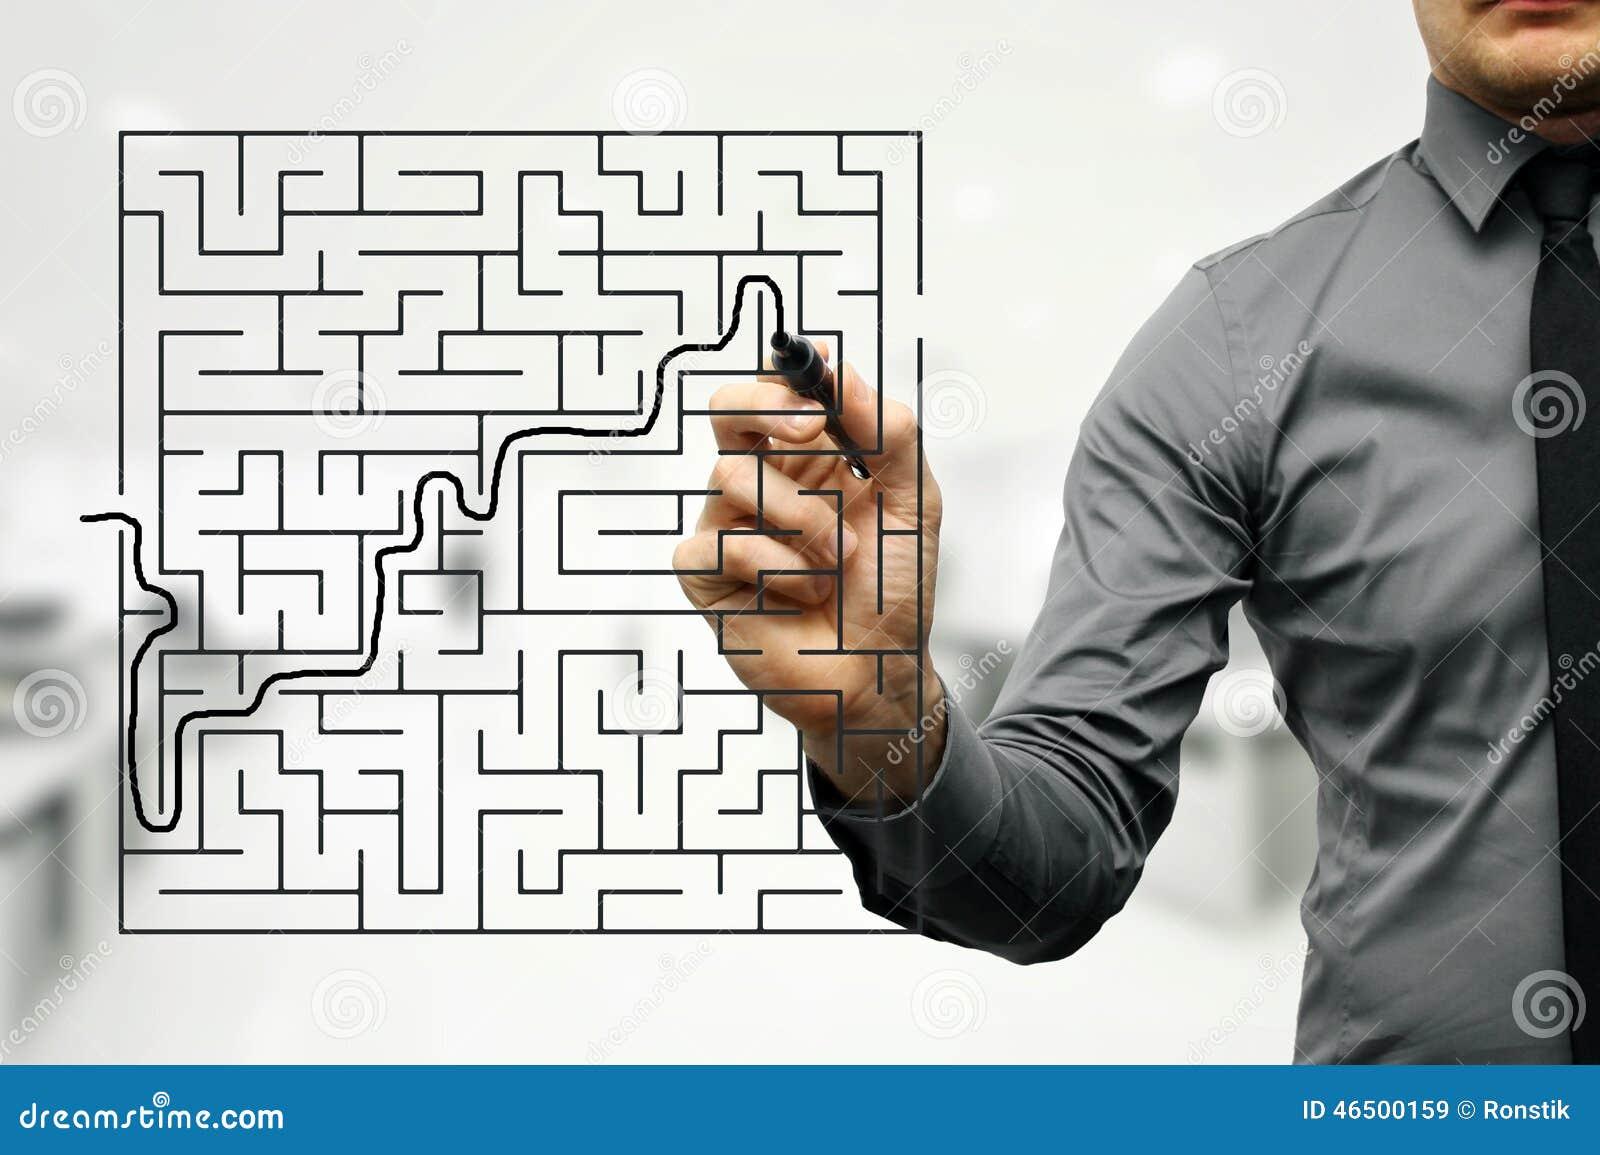 设法的商人发现迷宫出口